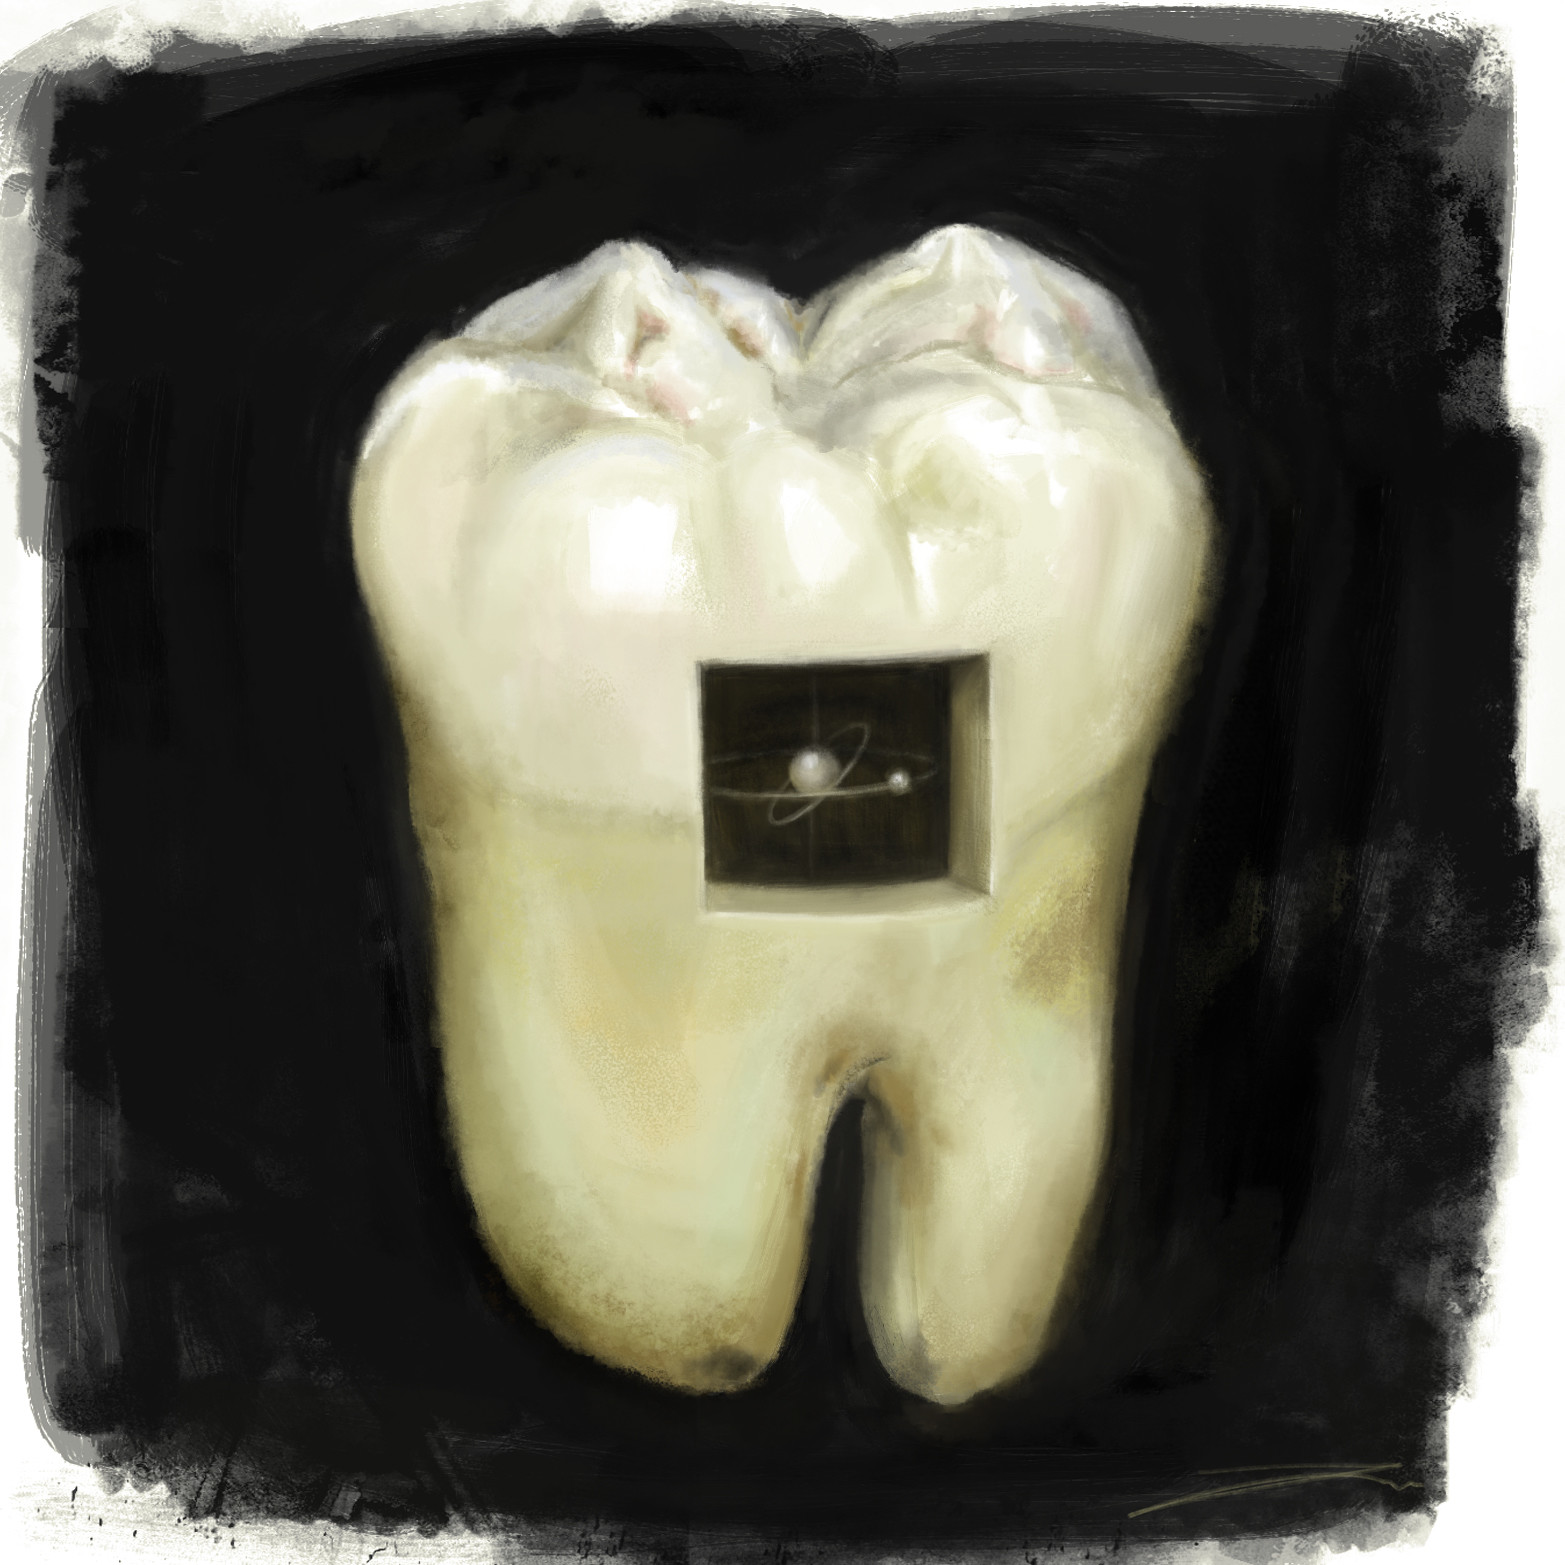 Imery watson toothdecay